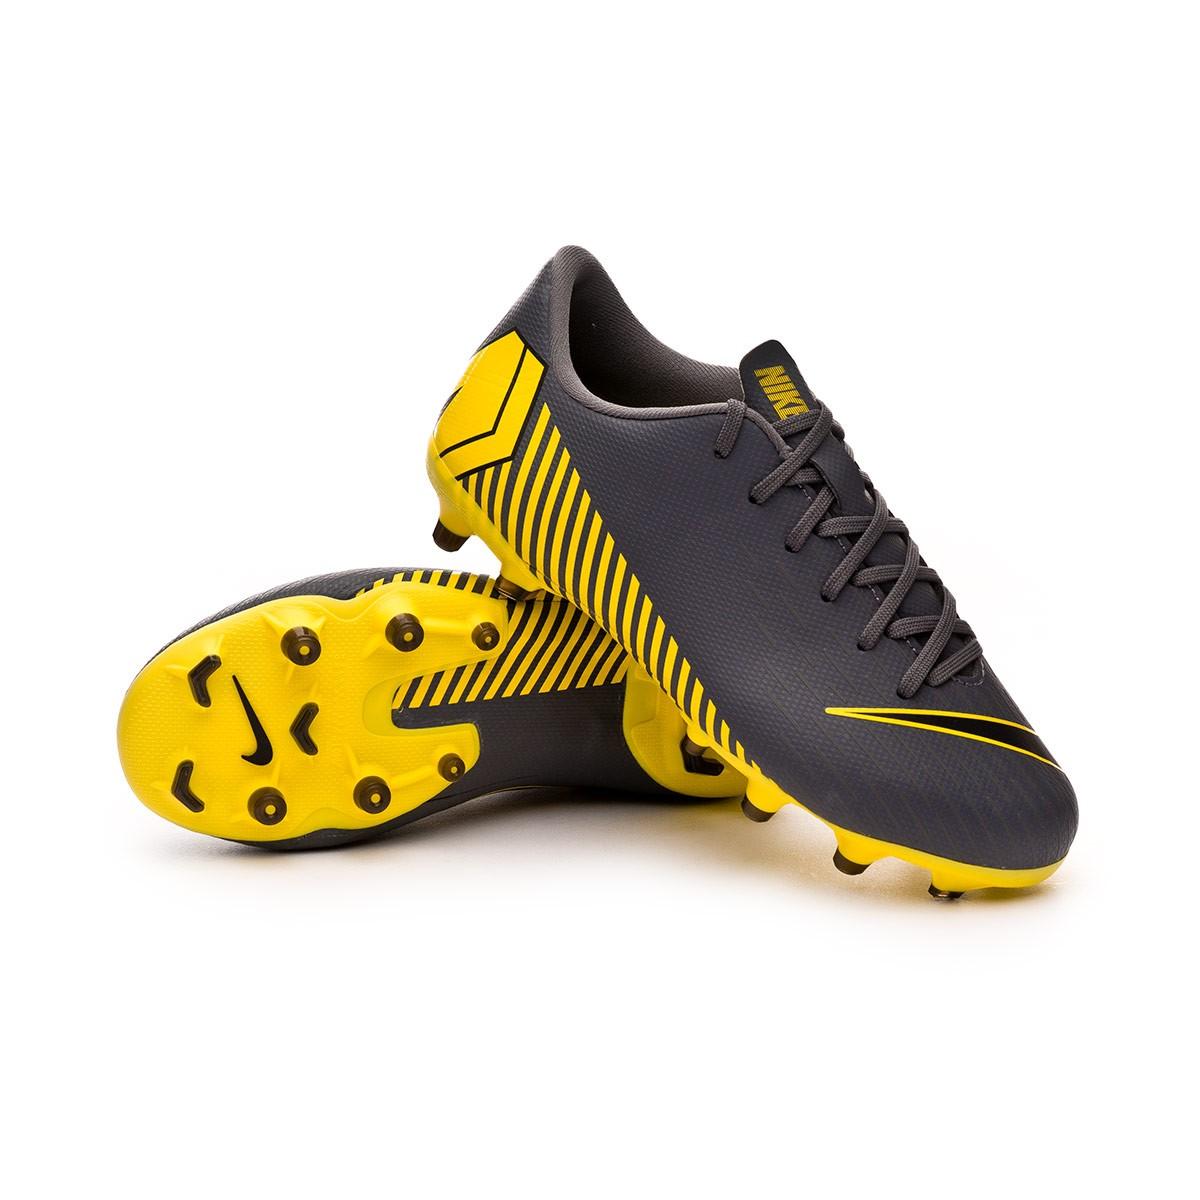 Scarpe Nike Mercurial Vapor XII Academy MG Bambino Dark grey  Uq5ymy